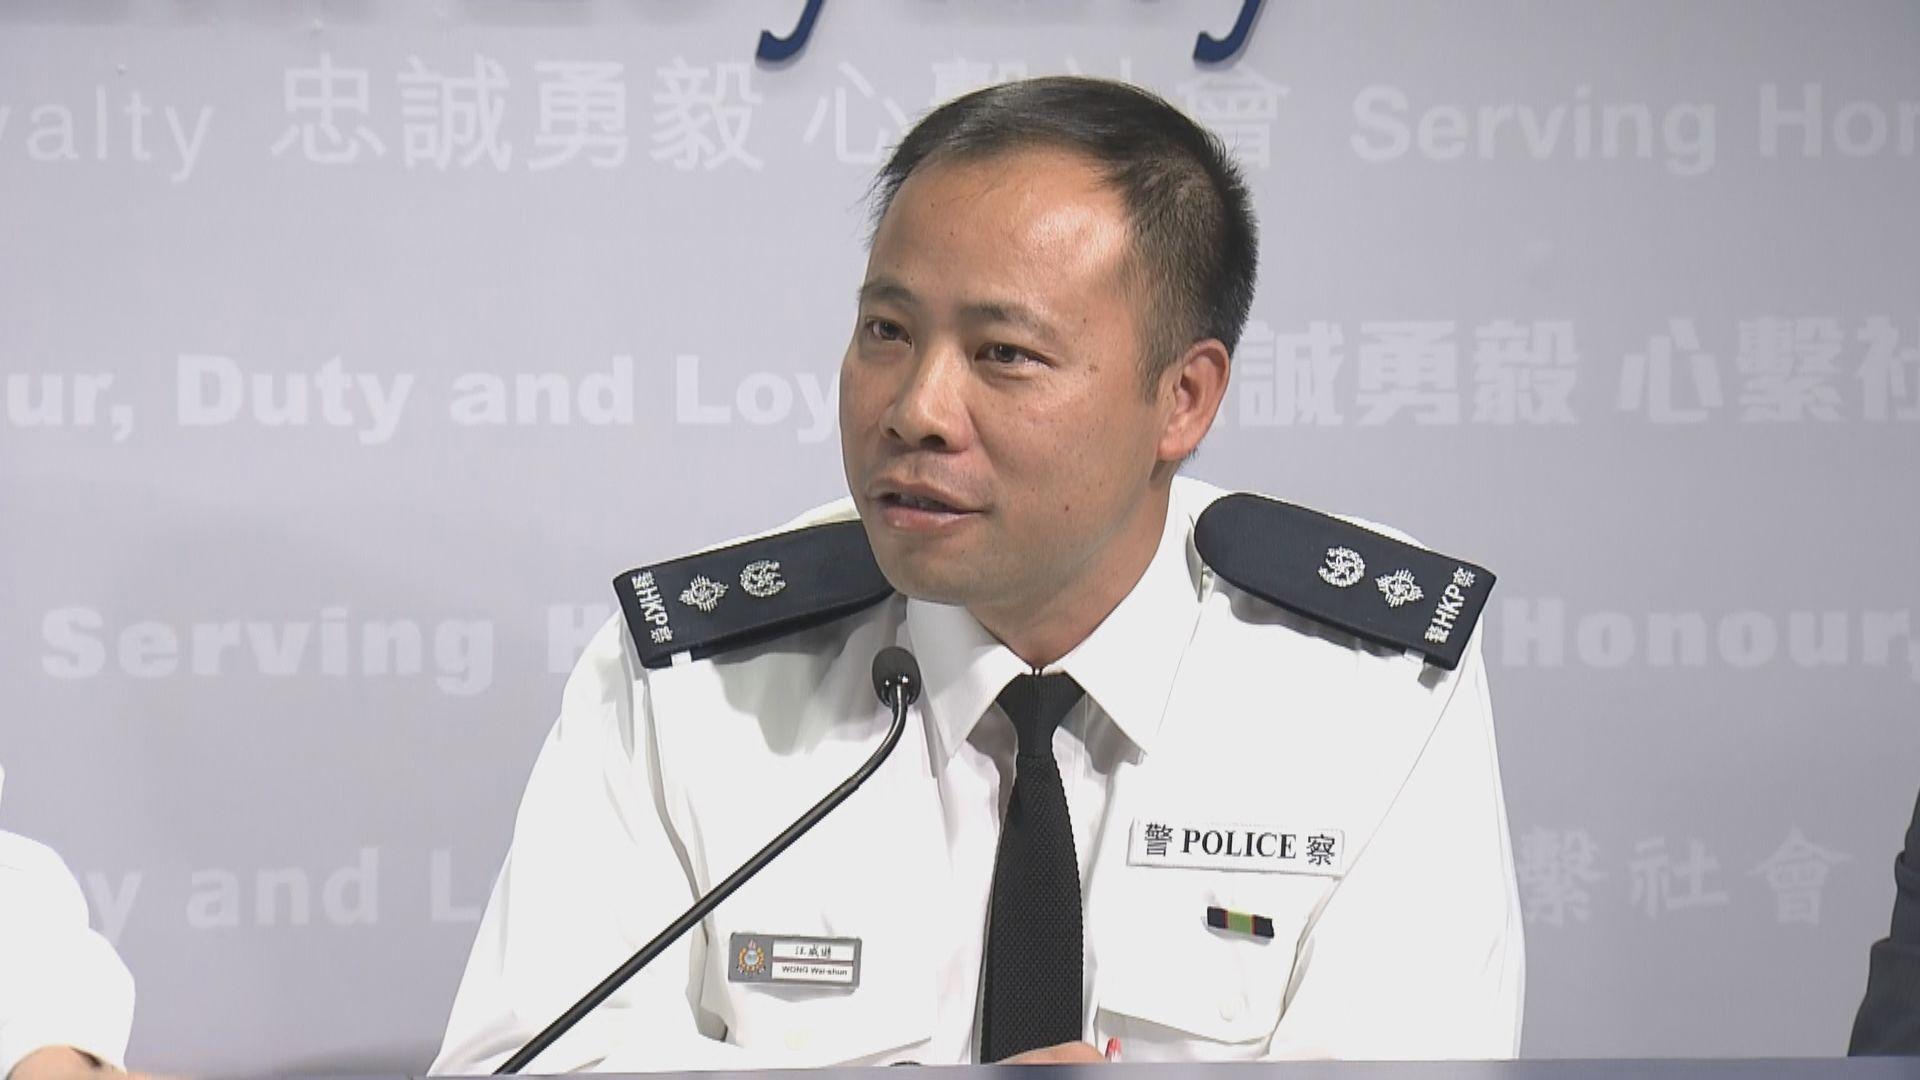 【最新】「行動呼號」卡仍有警員未佩戴 汪威遜:未做過警察不知加裝備困難